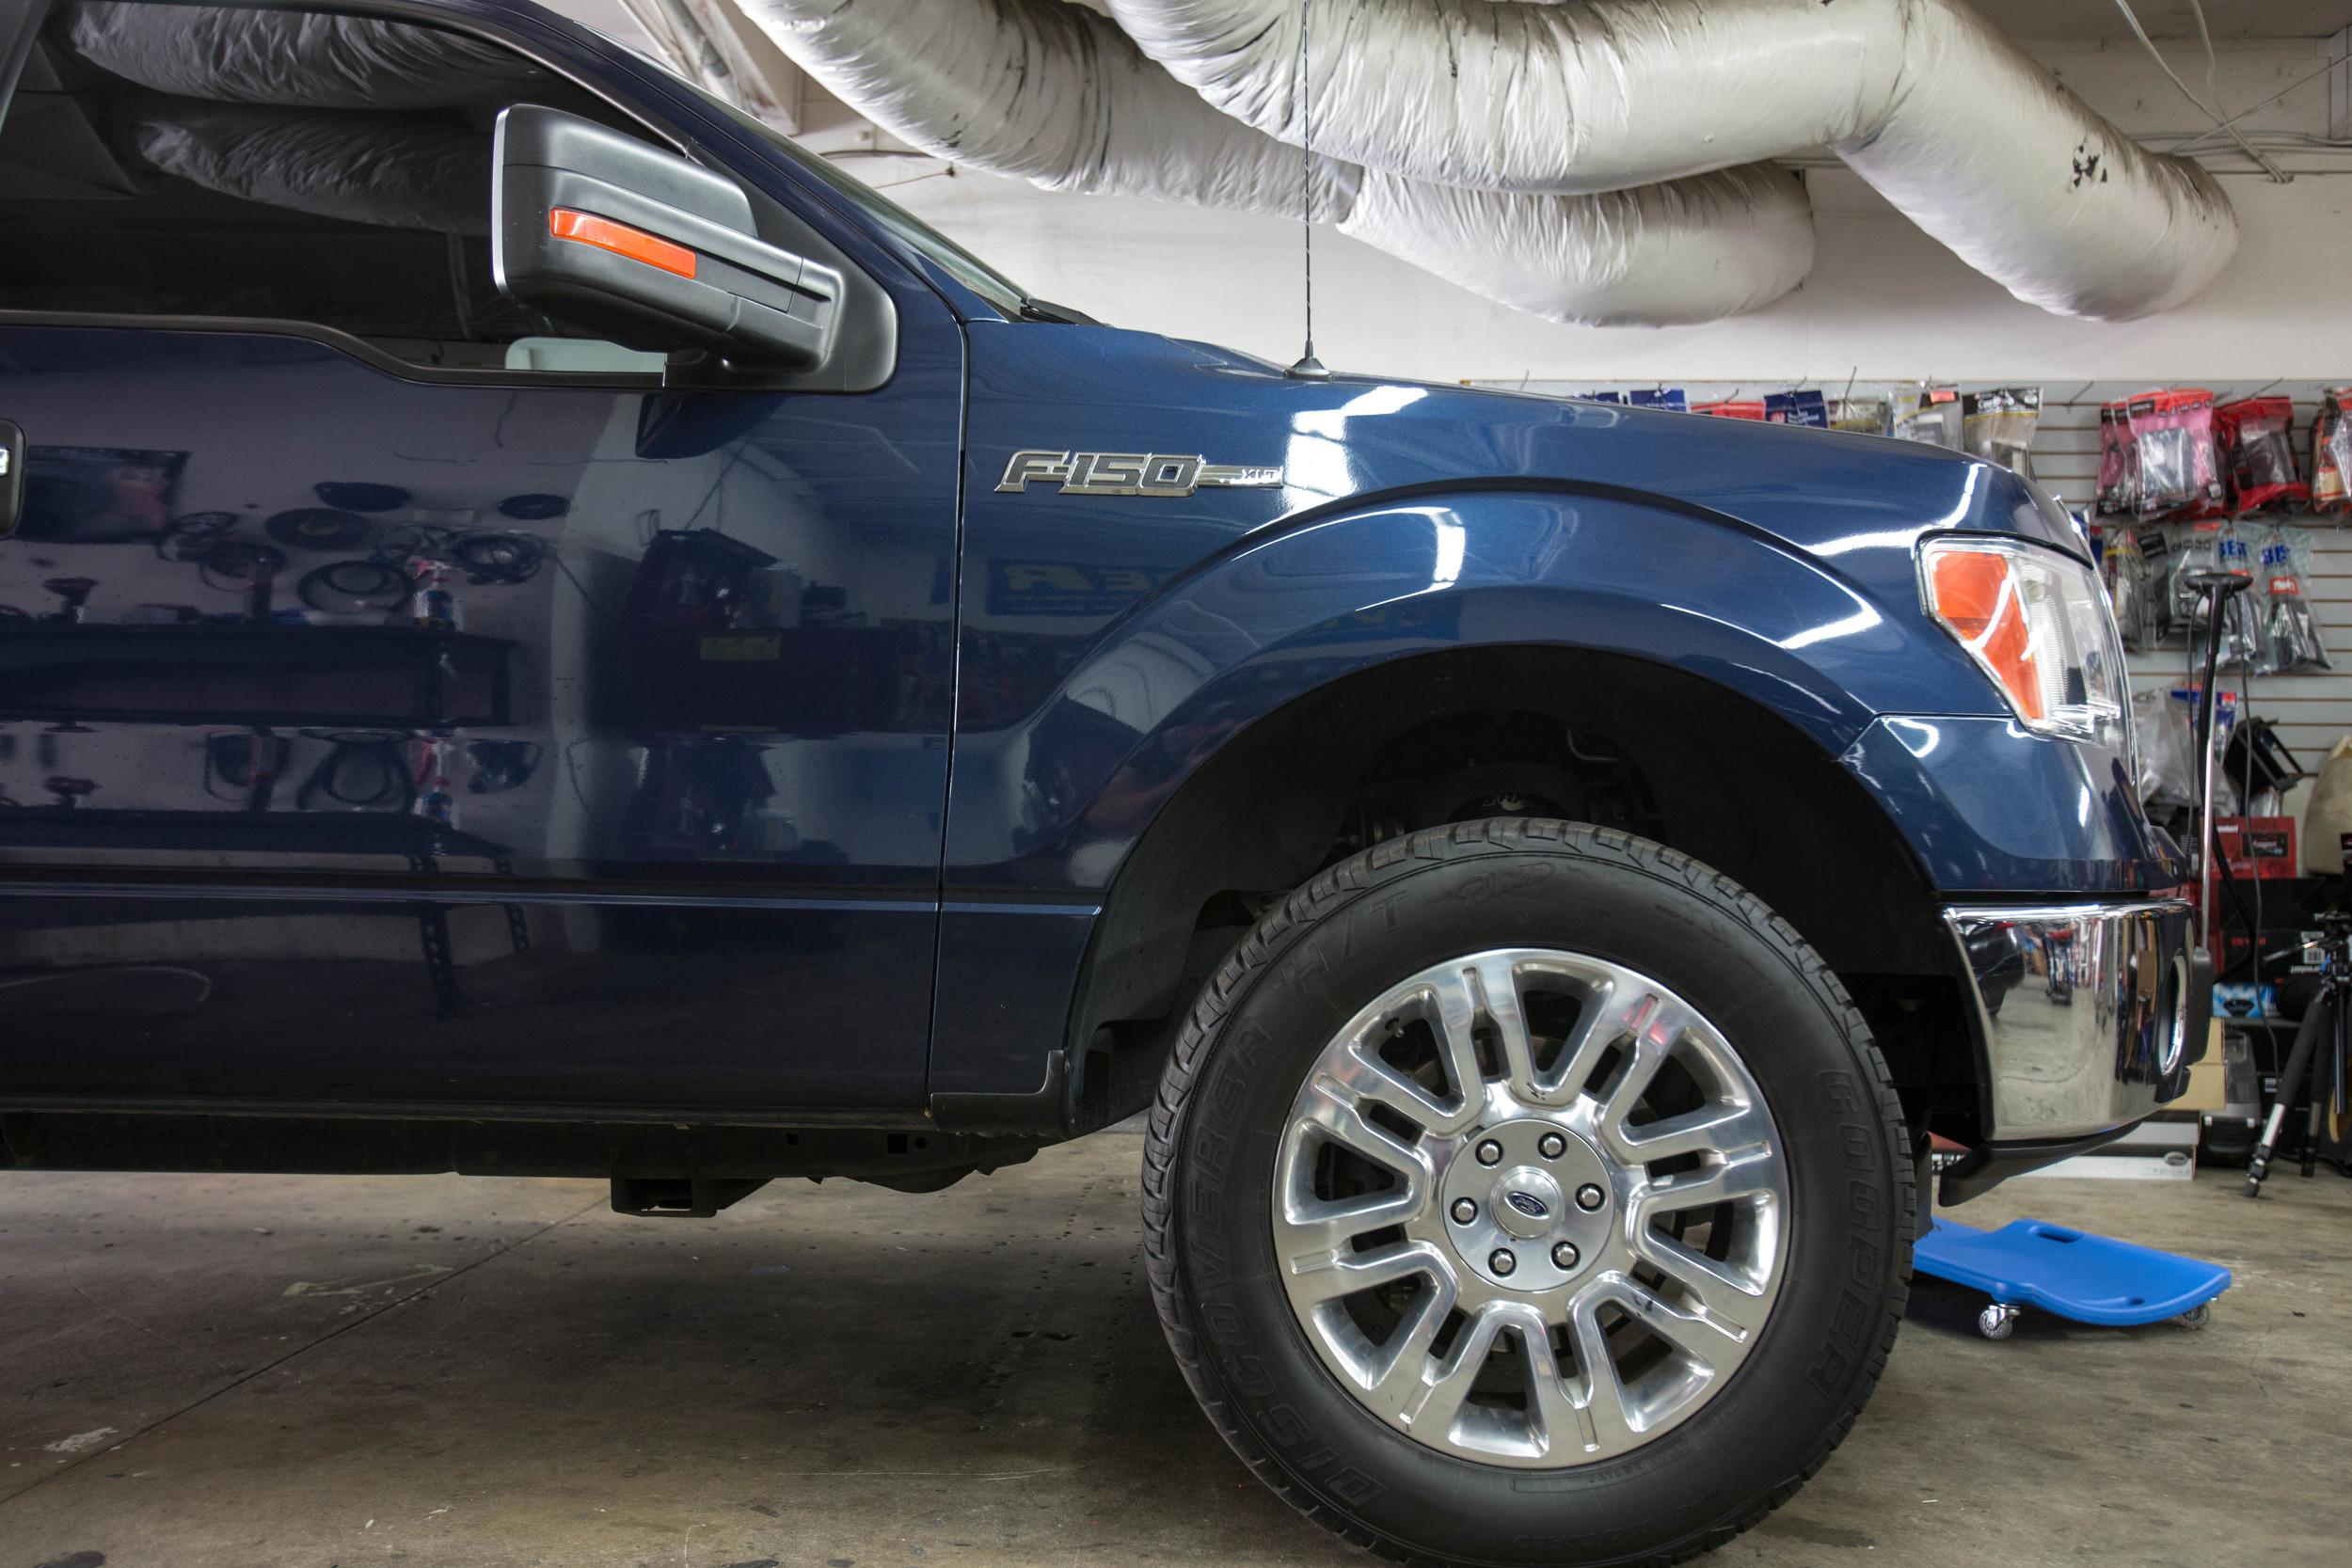 Tires, Rims and Wheels at Car Stereo City